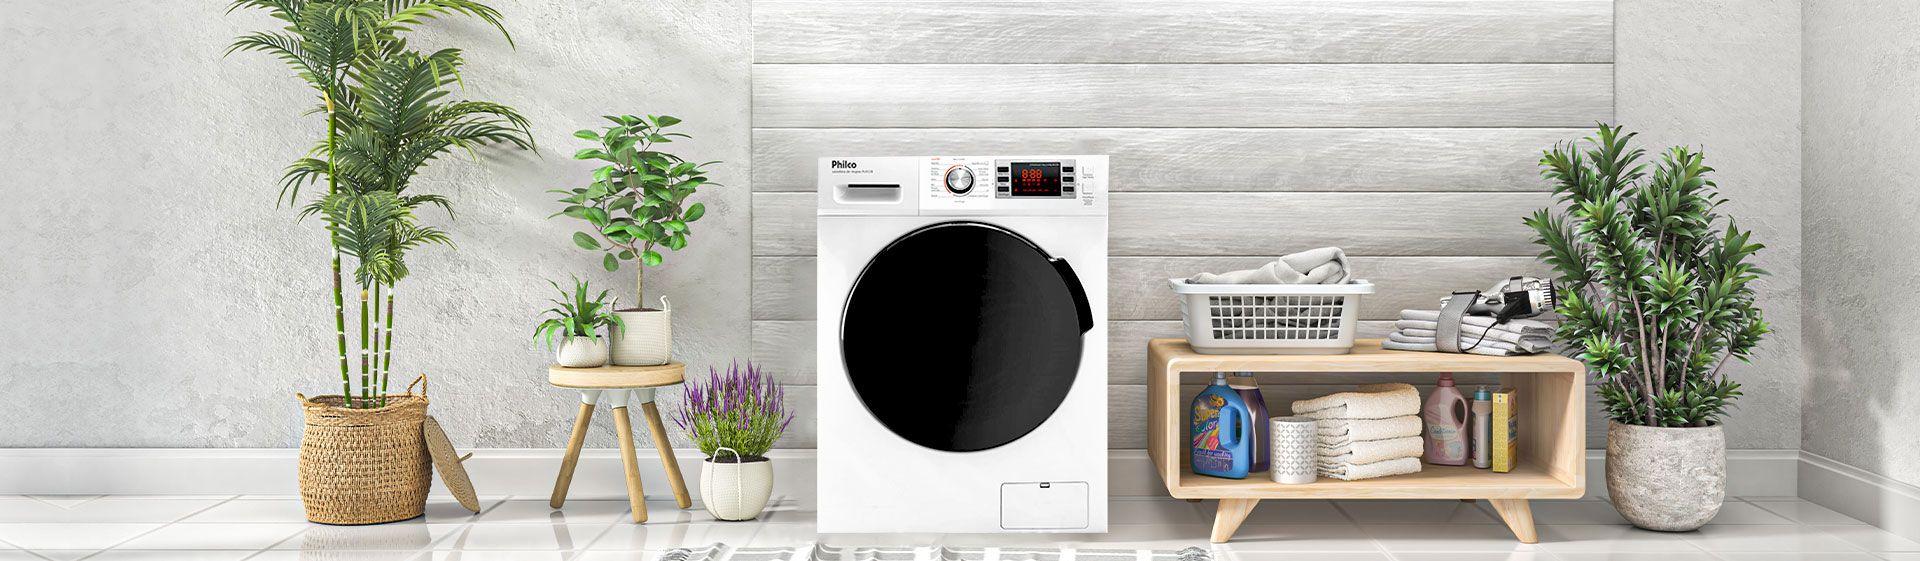 As 5 melhores máquinas de lavar de 12kg para comprar em 2021